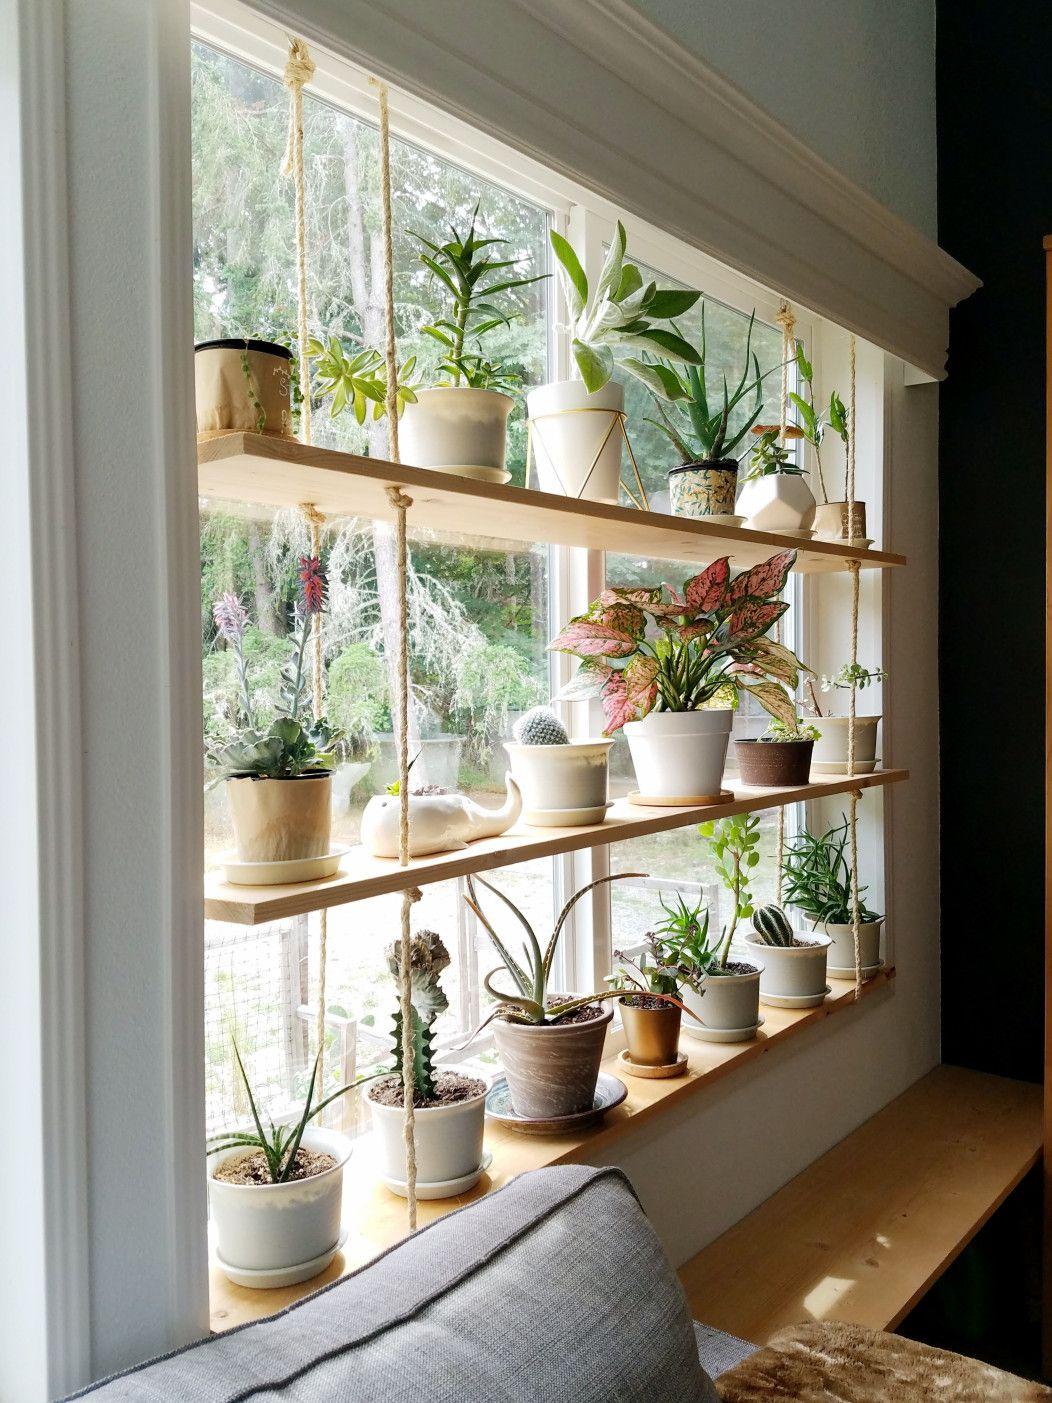 Những bí quyết đơn giản và tiết kiệm tạo vẻ đẹp hiện đại, cuốn hút cho khung cửa sổ nhà bạn - Ảnh 16.